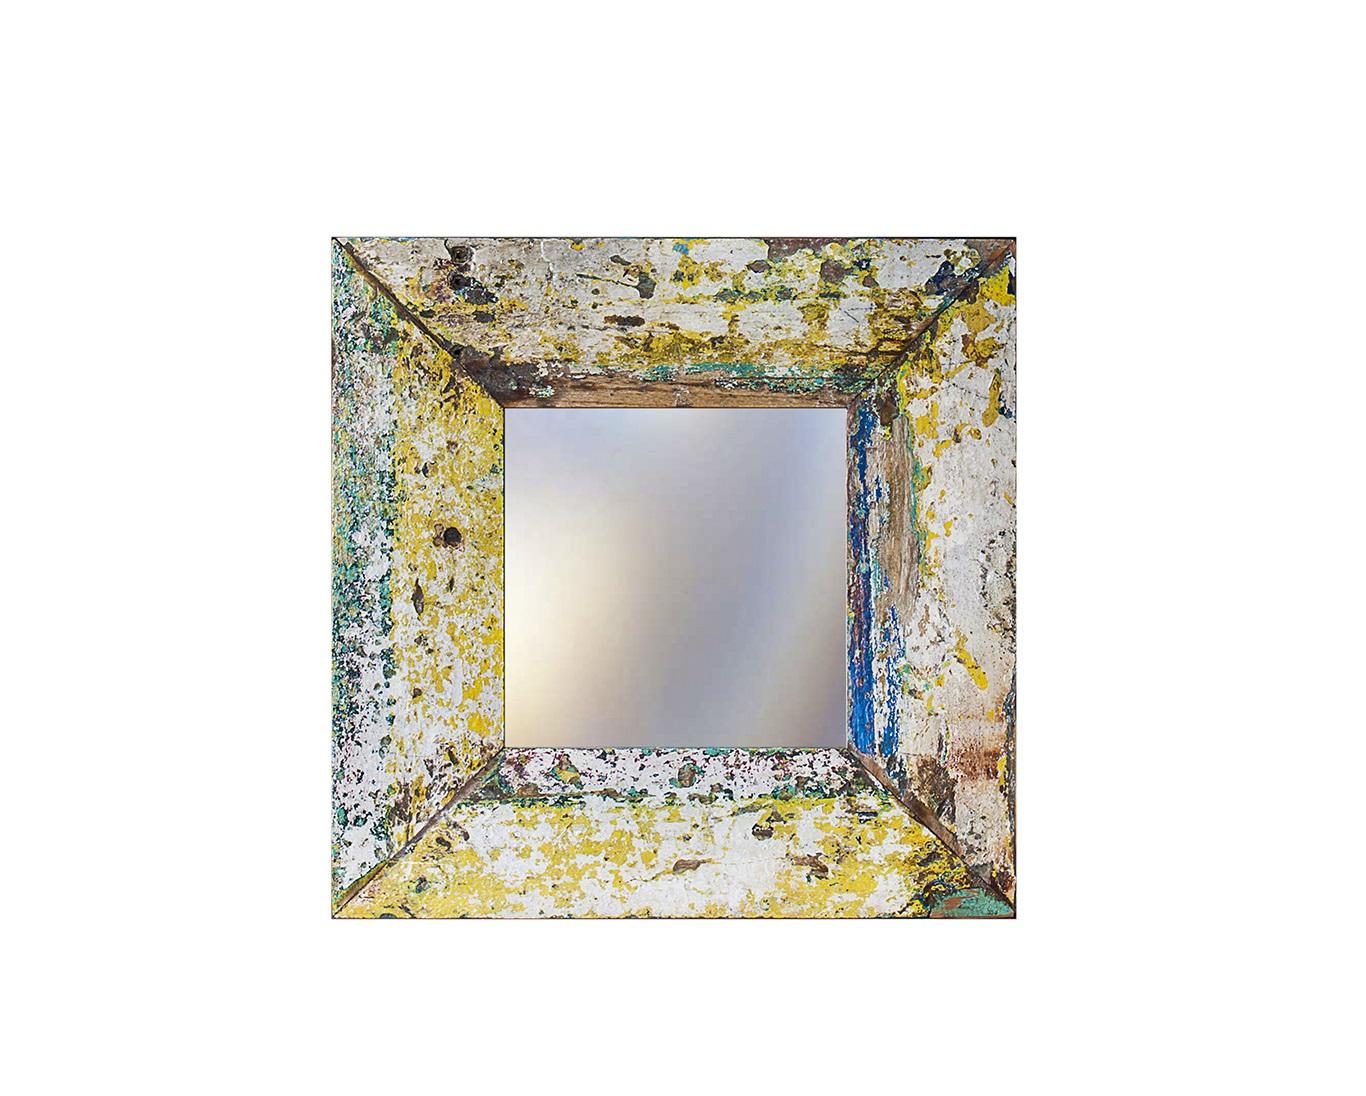 Зеркало Свет мой зеркальцеНастенные зеркала<br>Зеркало выполнено из фрагментов настоящего рыболовецкого судна, возраст которого 20-40 лет. Окрас сохранён оригинальный.<br><br>Material: Тик<br>Width см: 60<br>Depth см: 3<br>Height см: 60